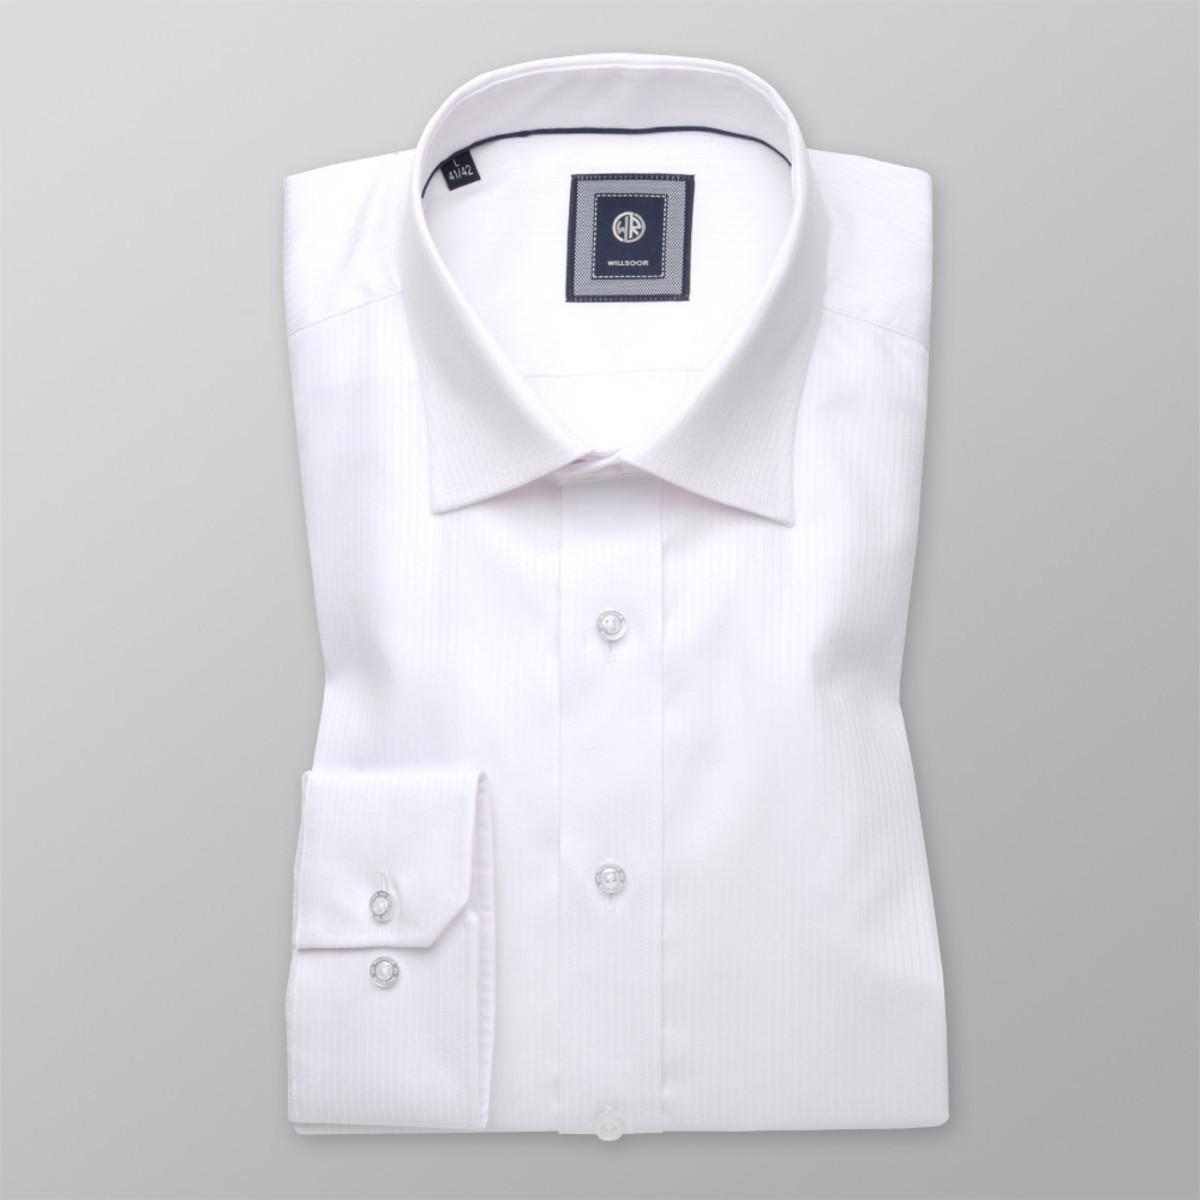 Košile London bílá s jemným vzorem (výška 176-182) 10394 176-182 / M (39/40)